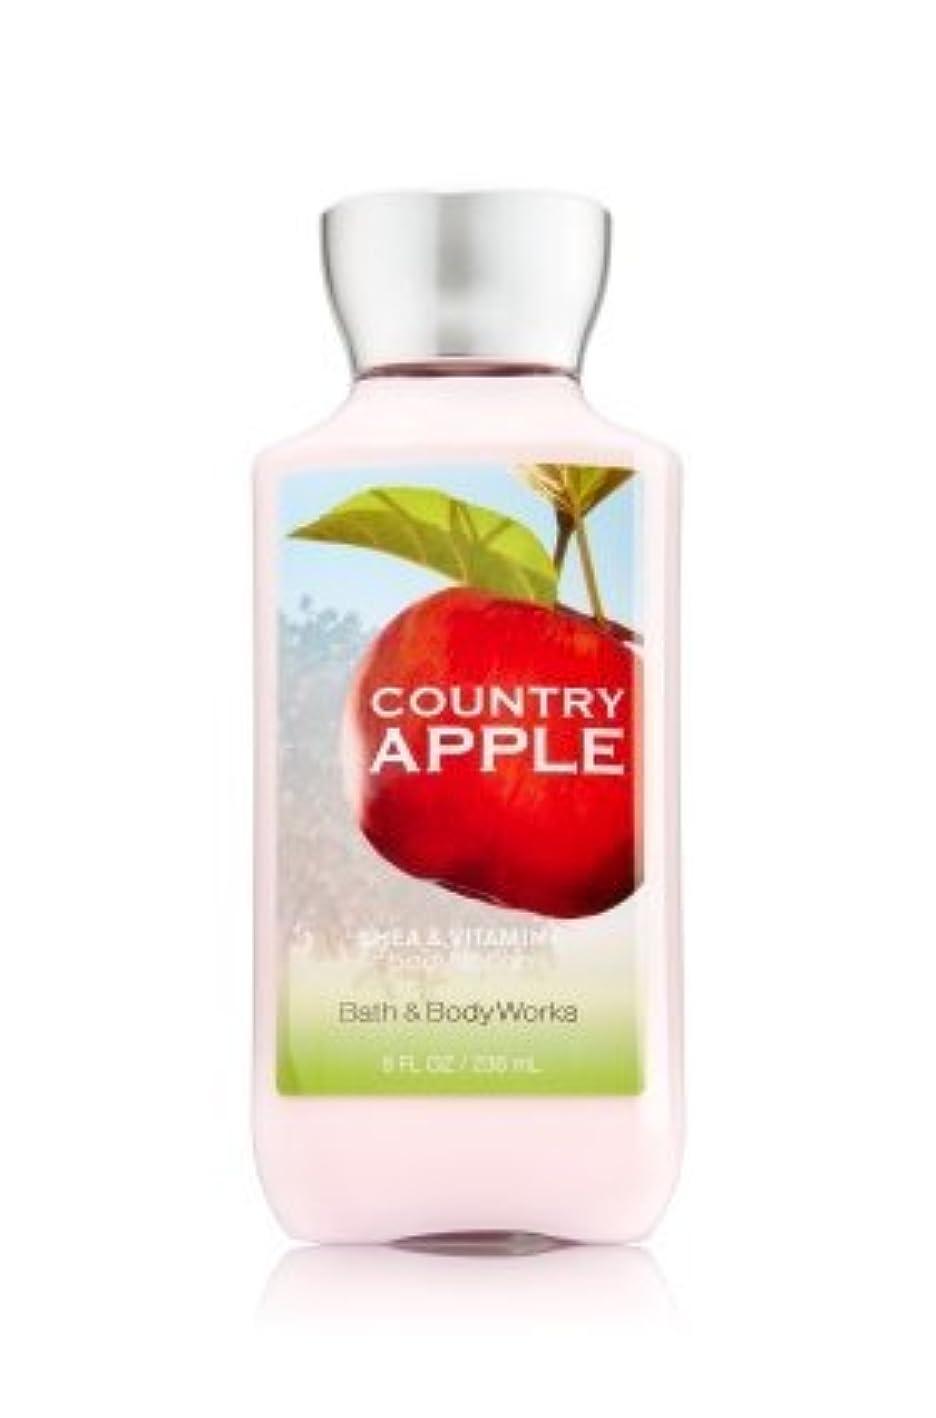 料理をする厄介な泣いている【Bath&Body Works/バス&ボディワークス】 ボディローション カントリーアップル Body Lotion Country Apple 8 fl oz / 236 mL [並行輸入品]